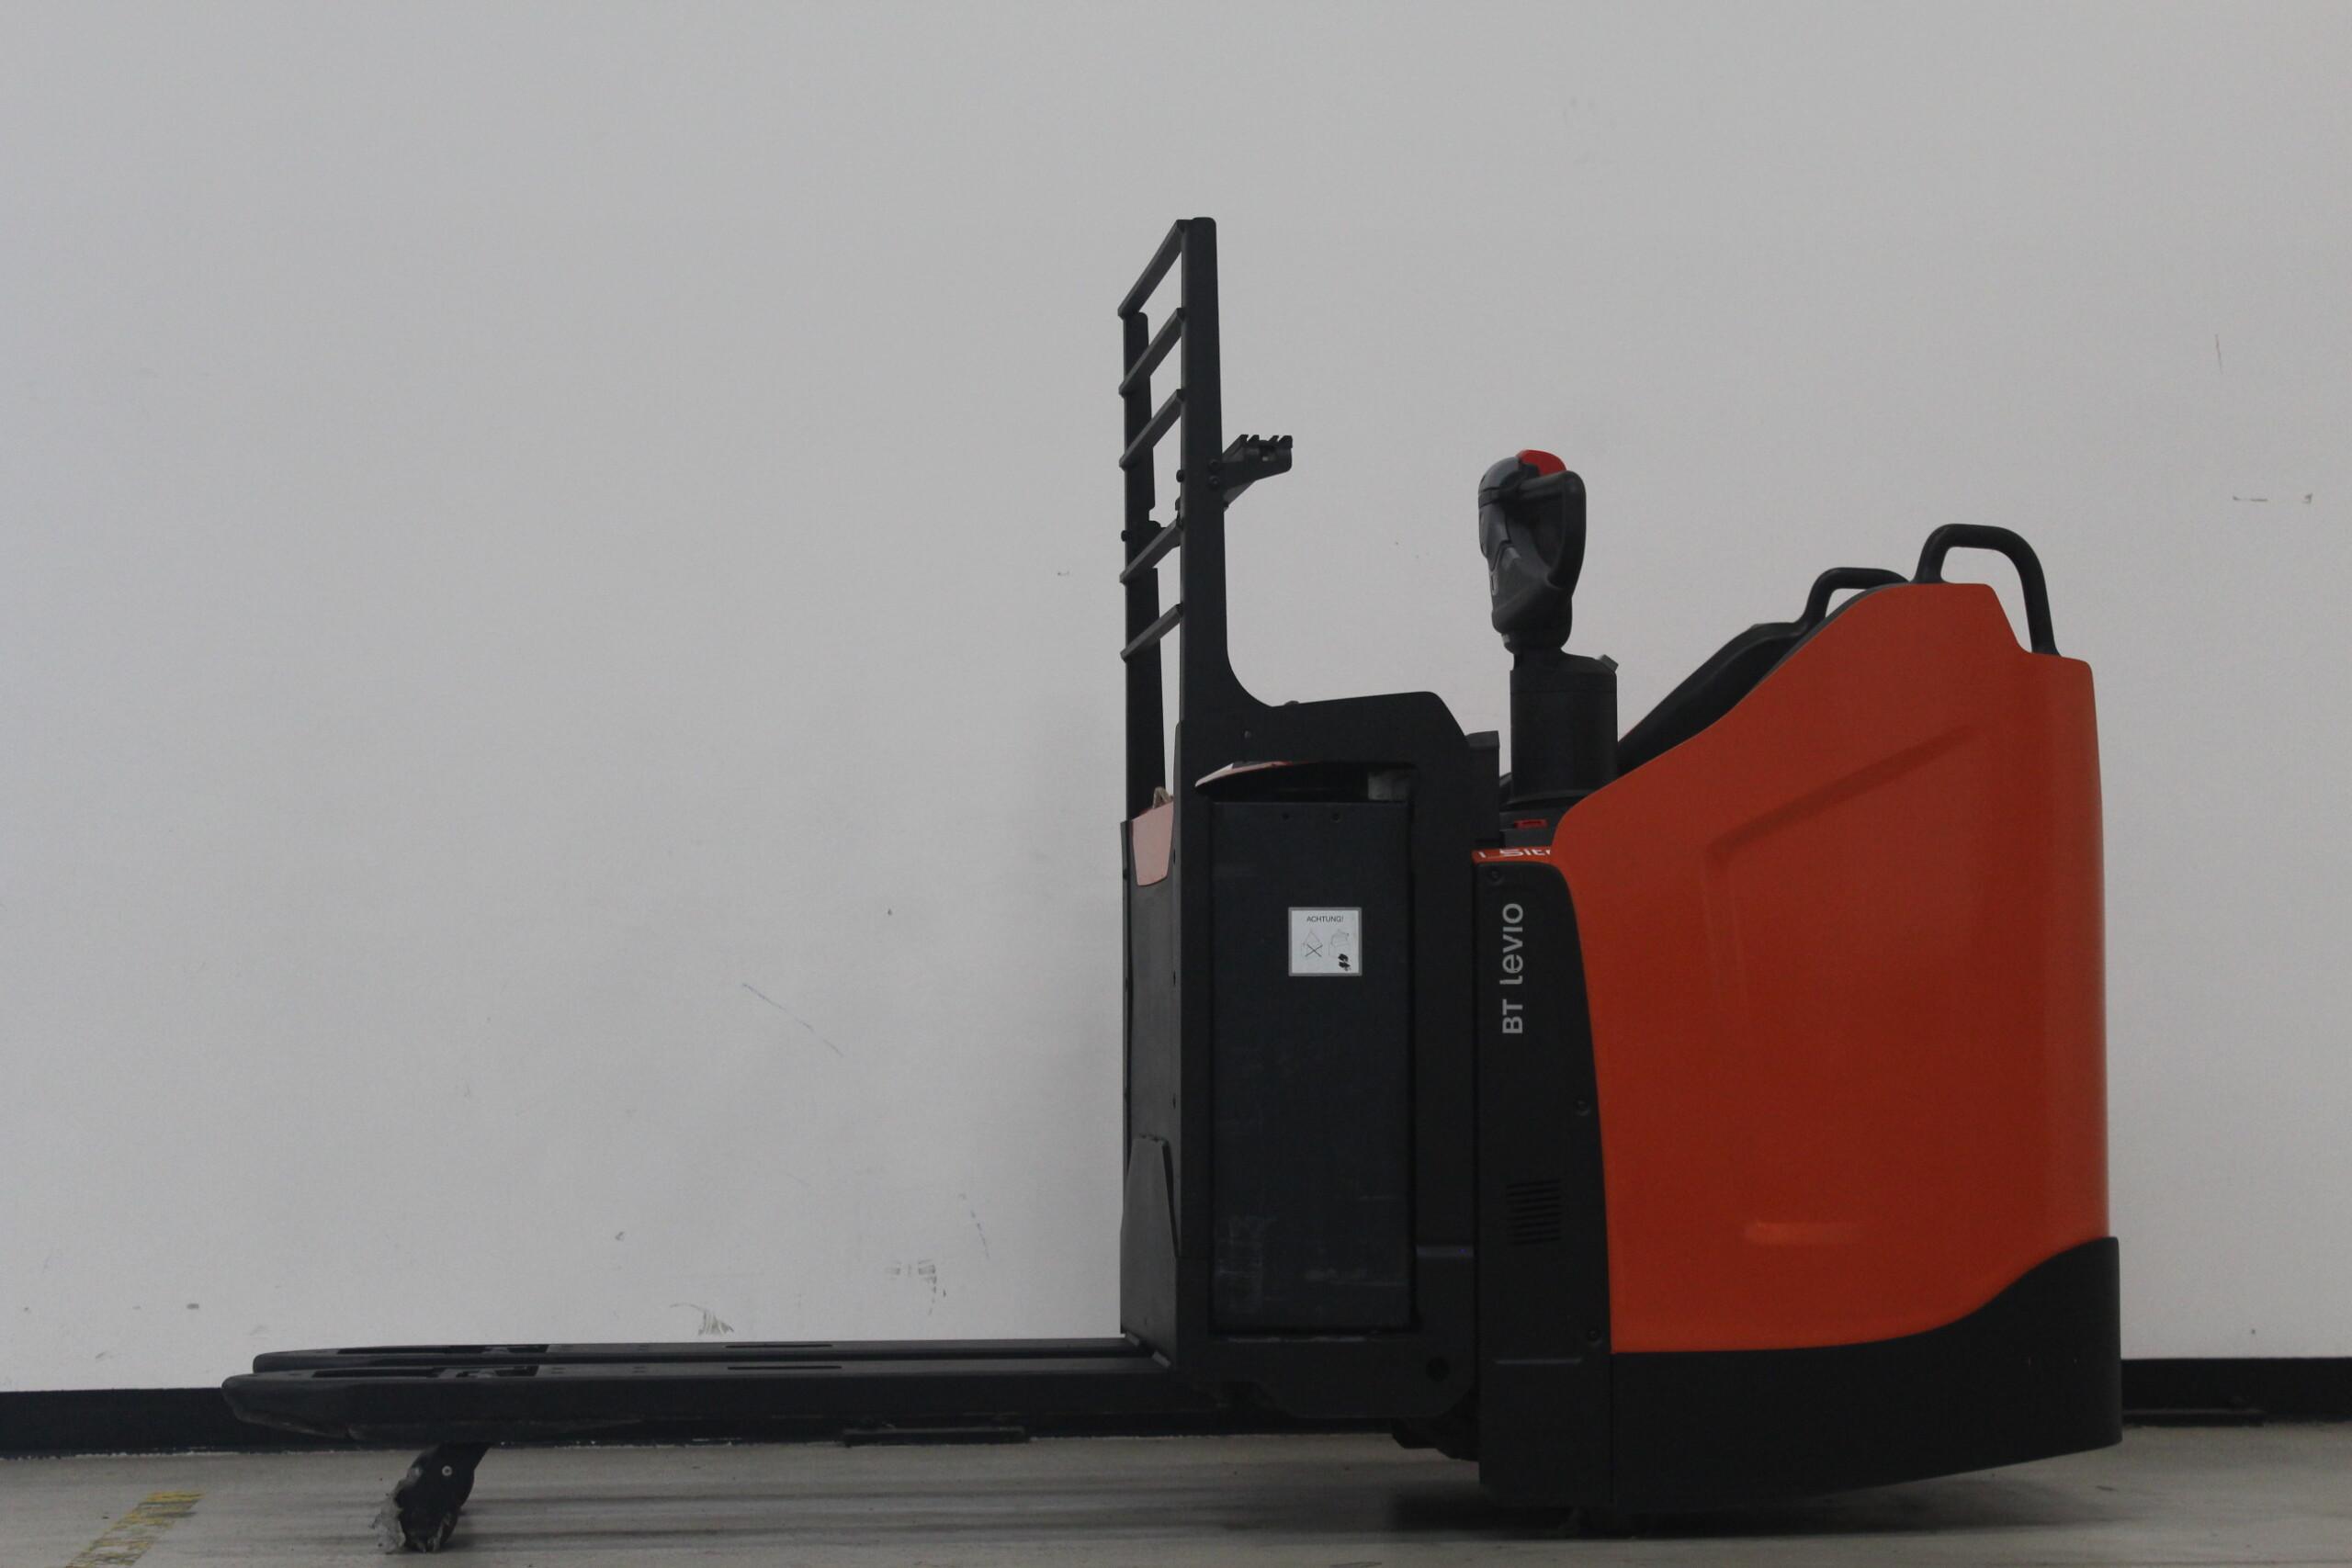 Toyota-Gabelstapler-59840 1710042612 1 5 scaled